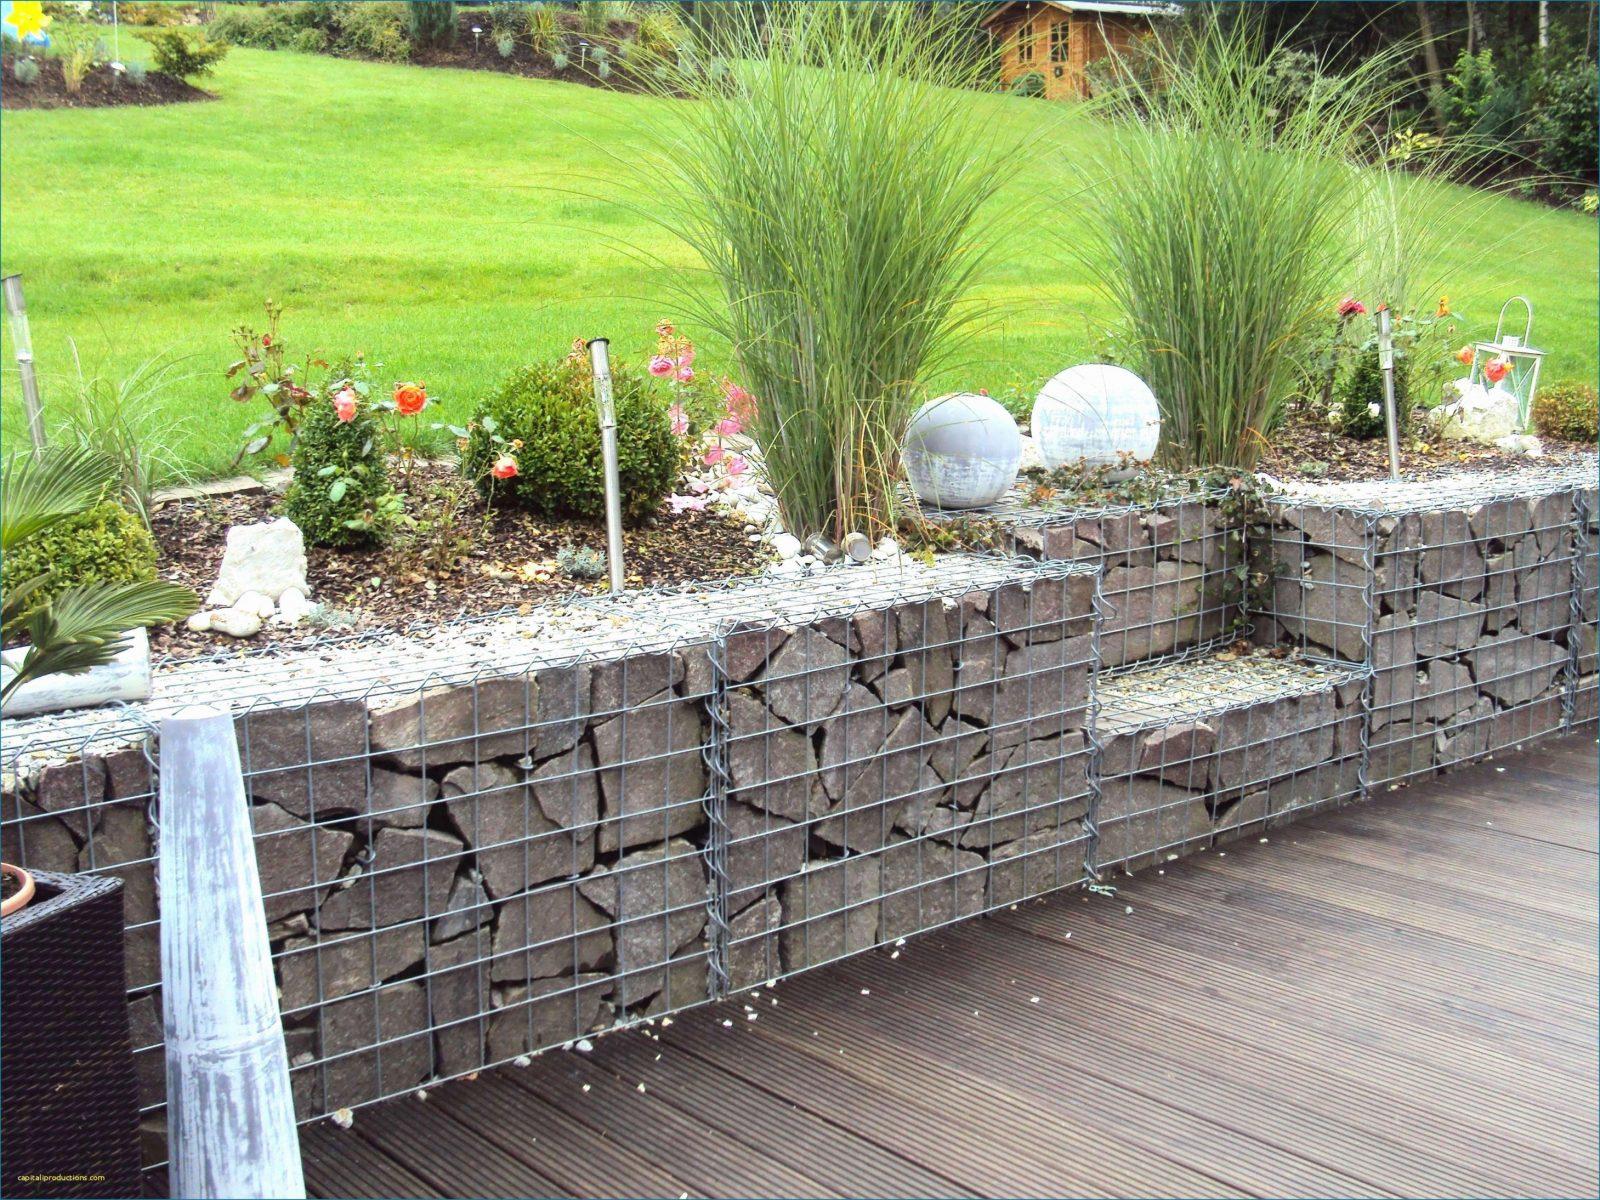 Sitzecke Garten Holz Elegant Sitzecke Garten Selber Bauen Schema Von von Sitzecke Garten Selber Bauen Photo